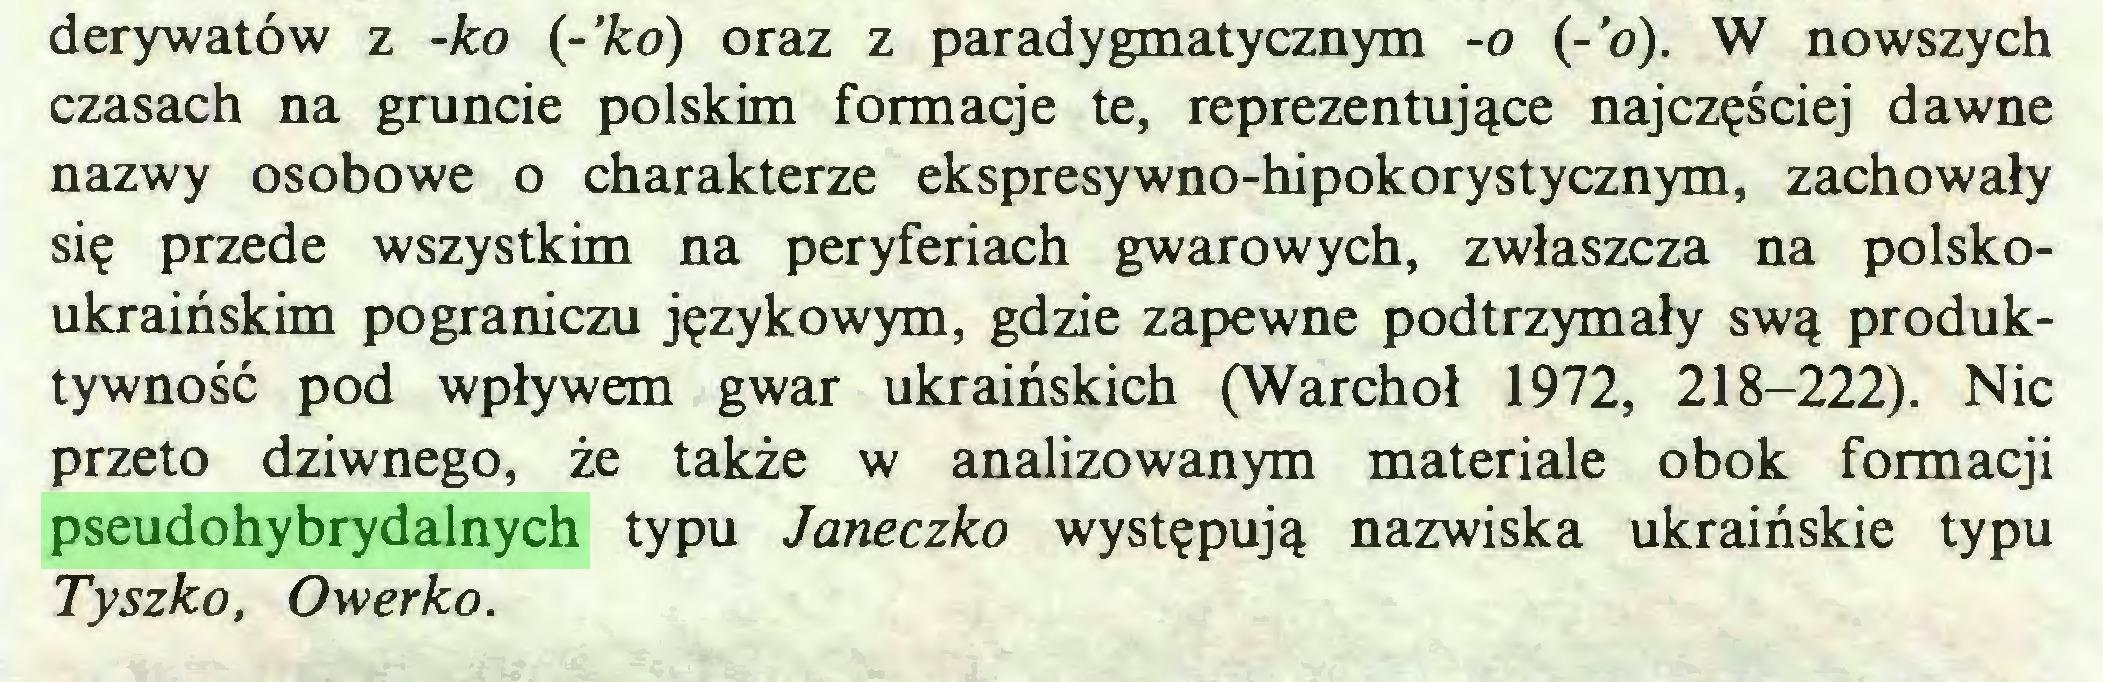 (...) derywatów z -ko {-'ko) oraz z paradygmatycznym -o (-'o). W nowszych czasach na gruncie polskim formacje te, reprezentujące najczęściej dawne nazwy osobowe o charakterze ekspresywno-hipokorystycznym, zachowały się przede wszystkim na peryferiach gwarowych, zwłaszcza na polskoukraińskim pograniczu językowym, gdzie zapewne podtrzymały swą produktywność pod wpływem gwar ukraińskich (Warchoł 1972, 218-222). Nic przeto dziwnego, że także w analizowanym materiale obok formacji pseudohybrydalnych typu Janeczko występują nazwiska ukraińskie typu Tyszko, Owerko...